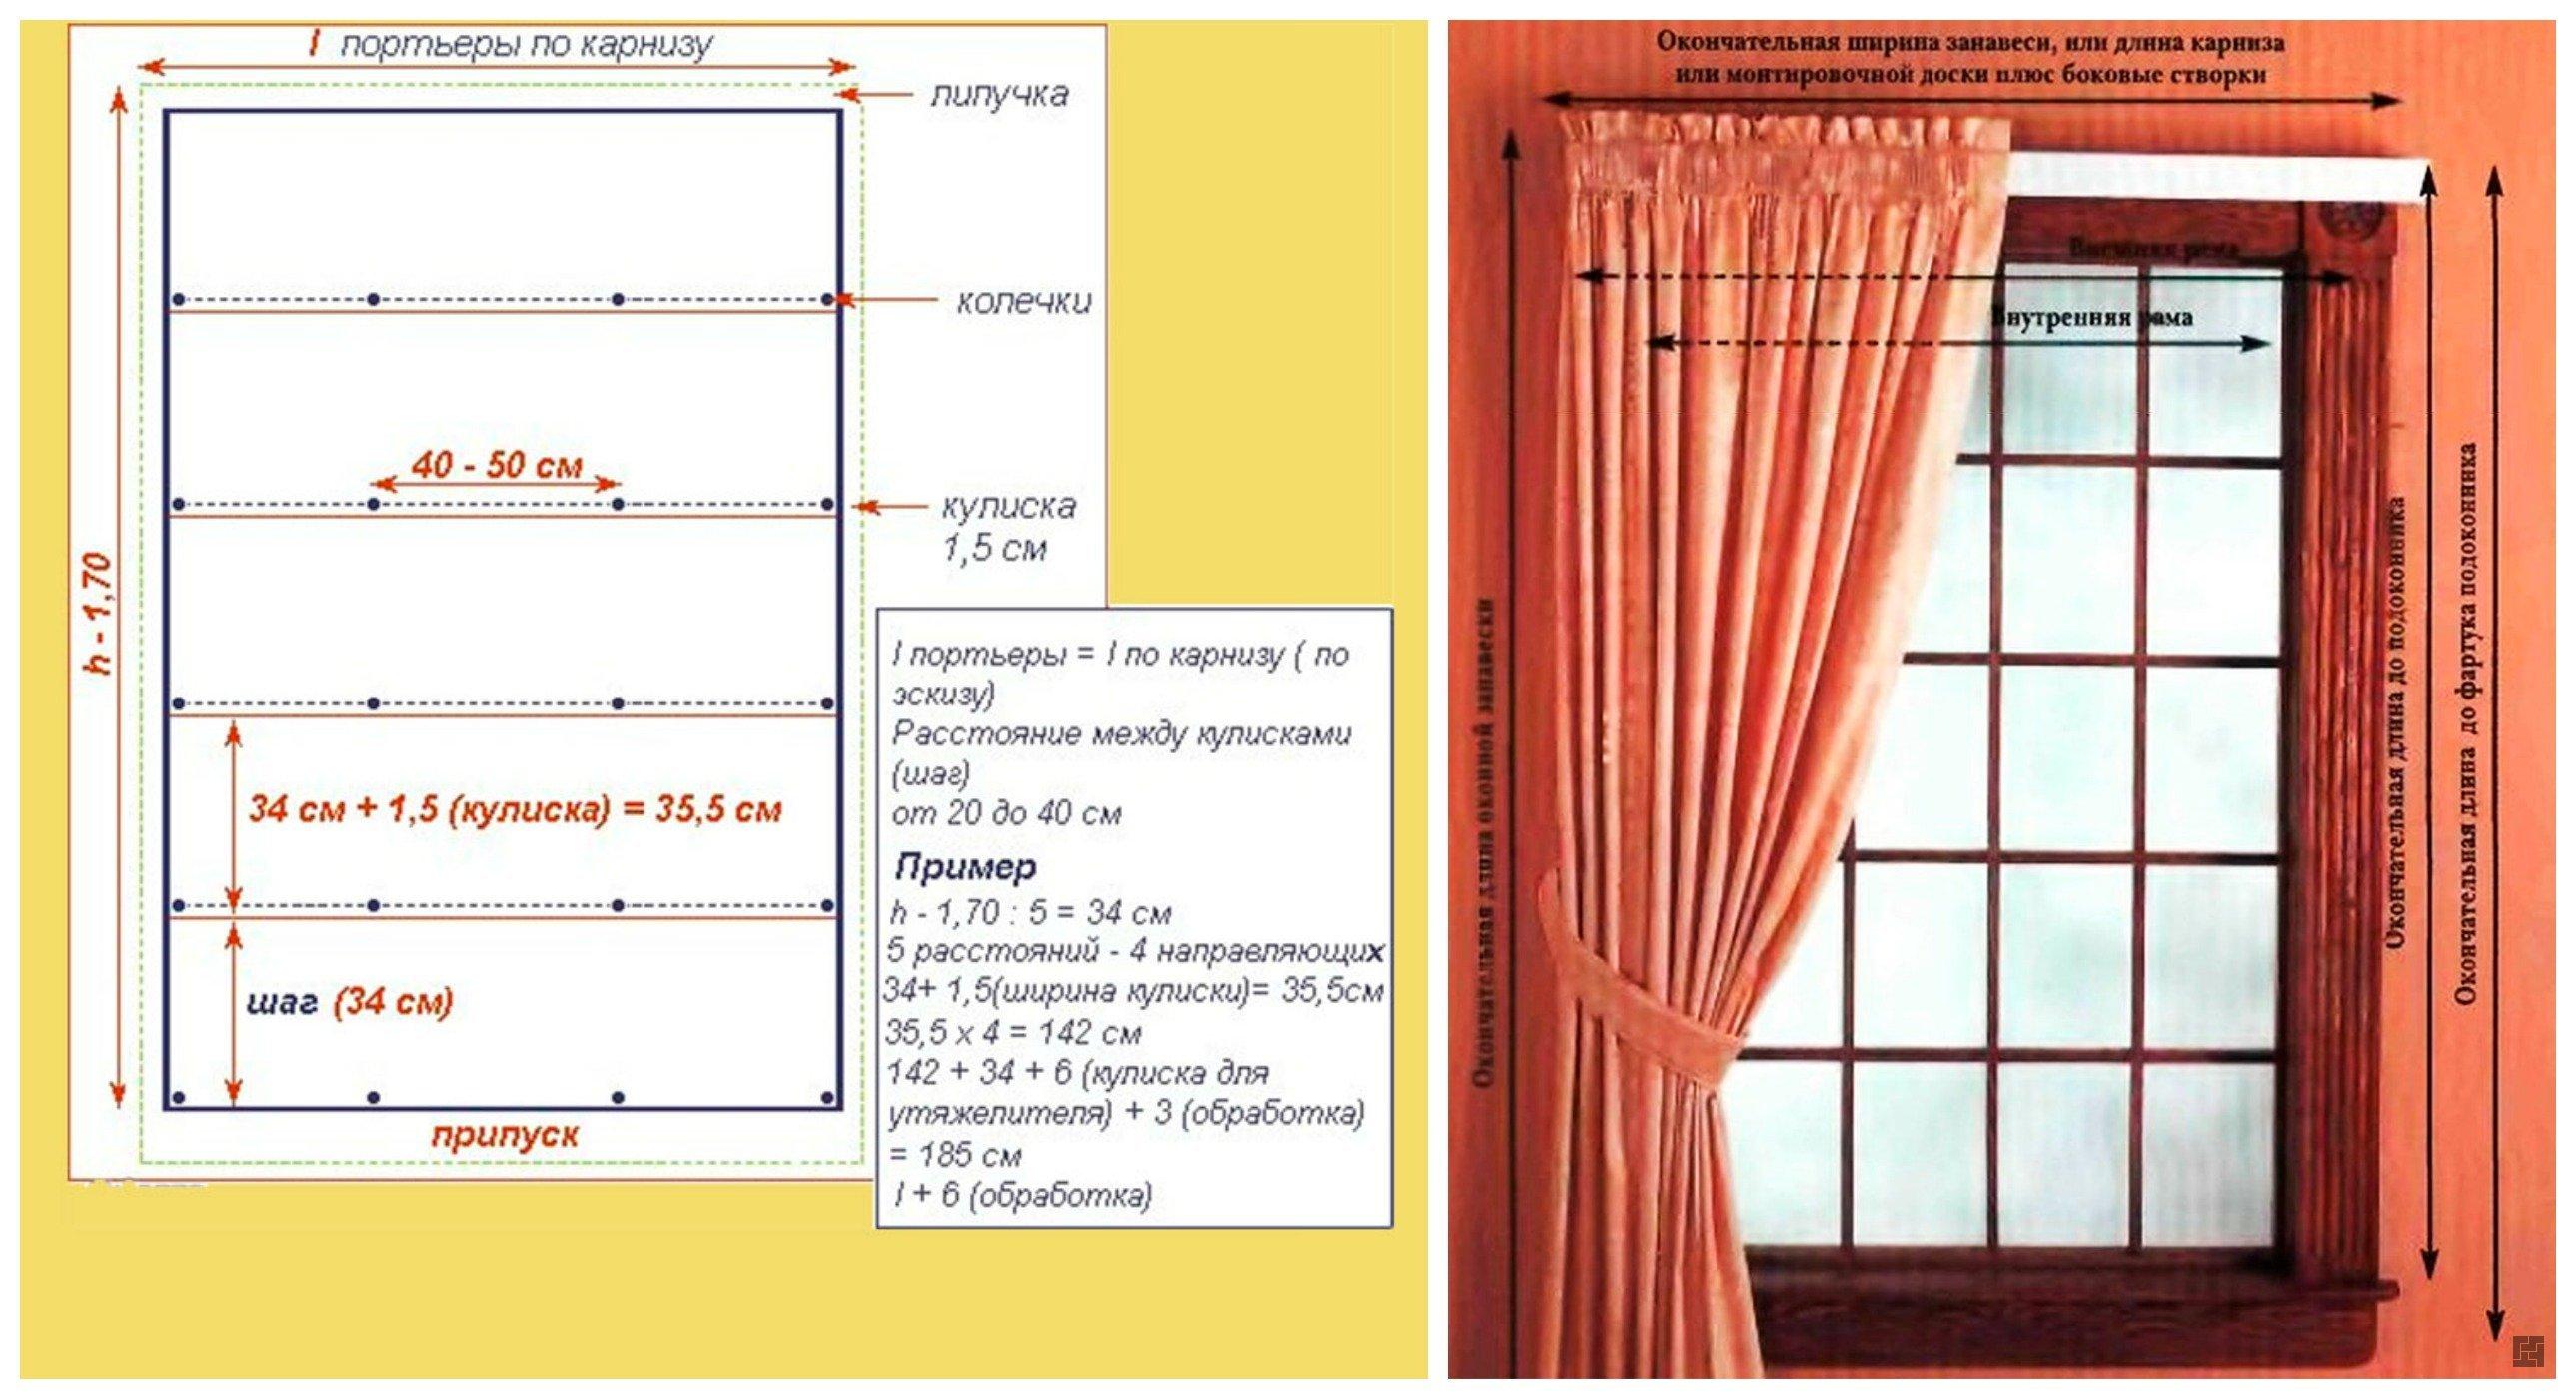 Измерение окна и примерный расчет ткани для римских штор